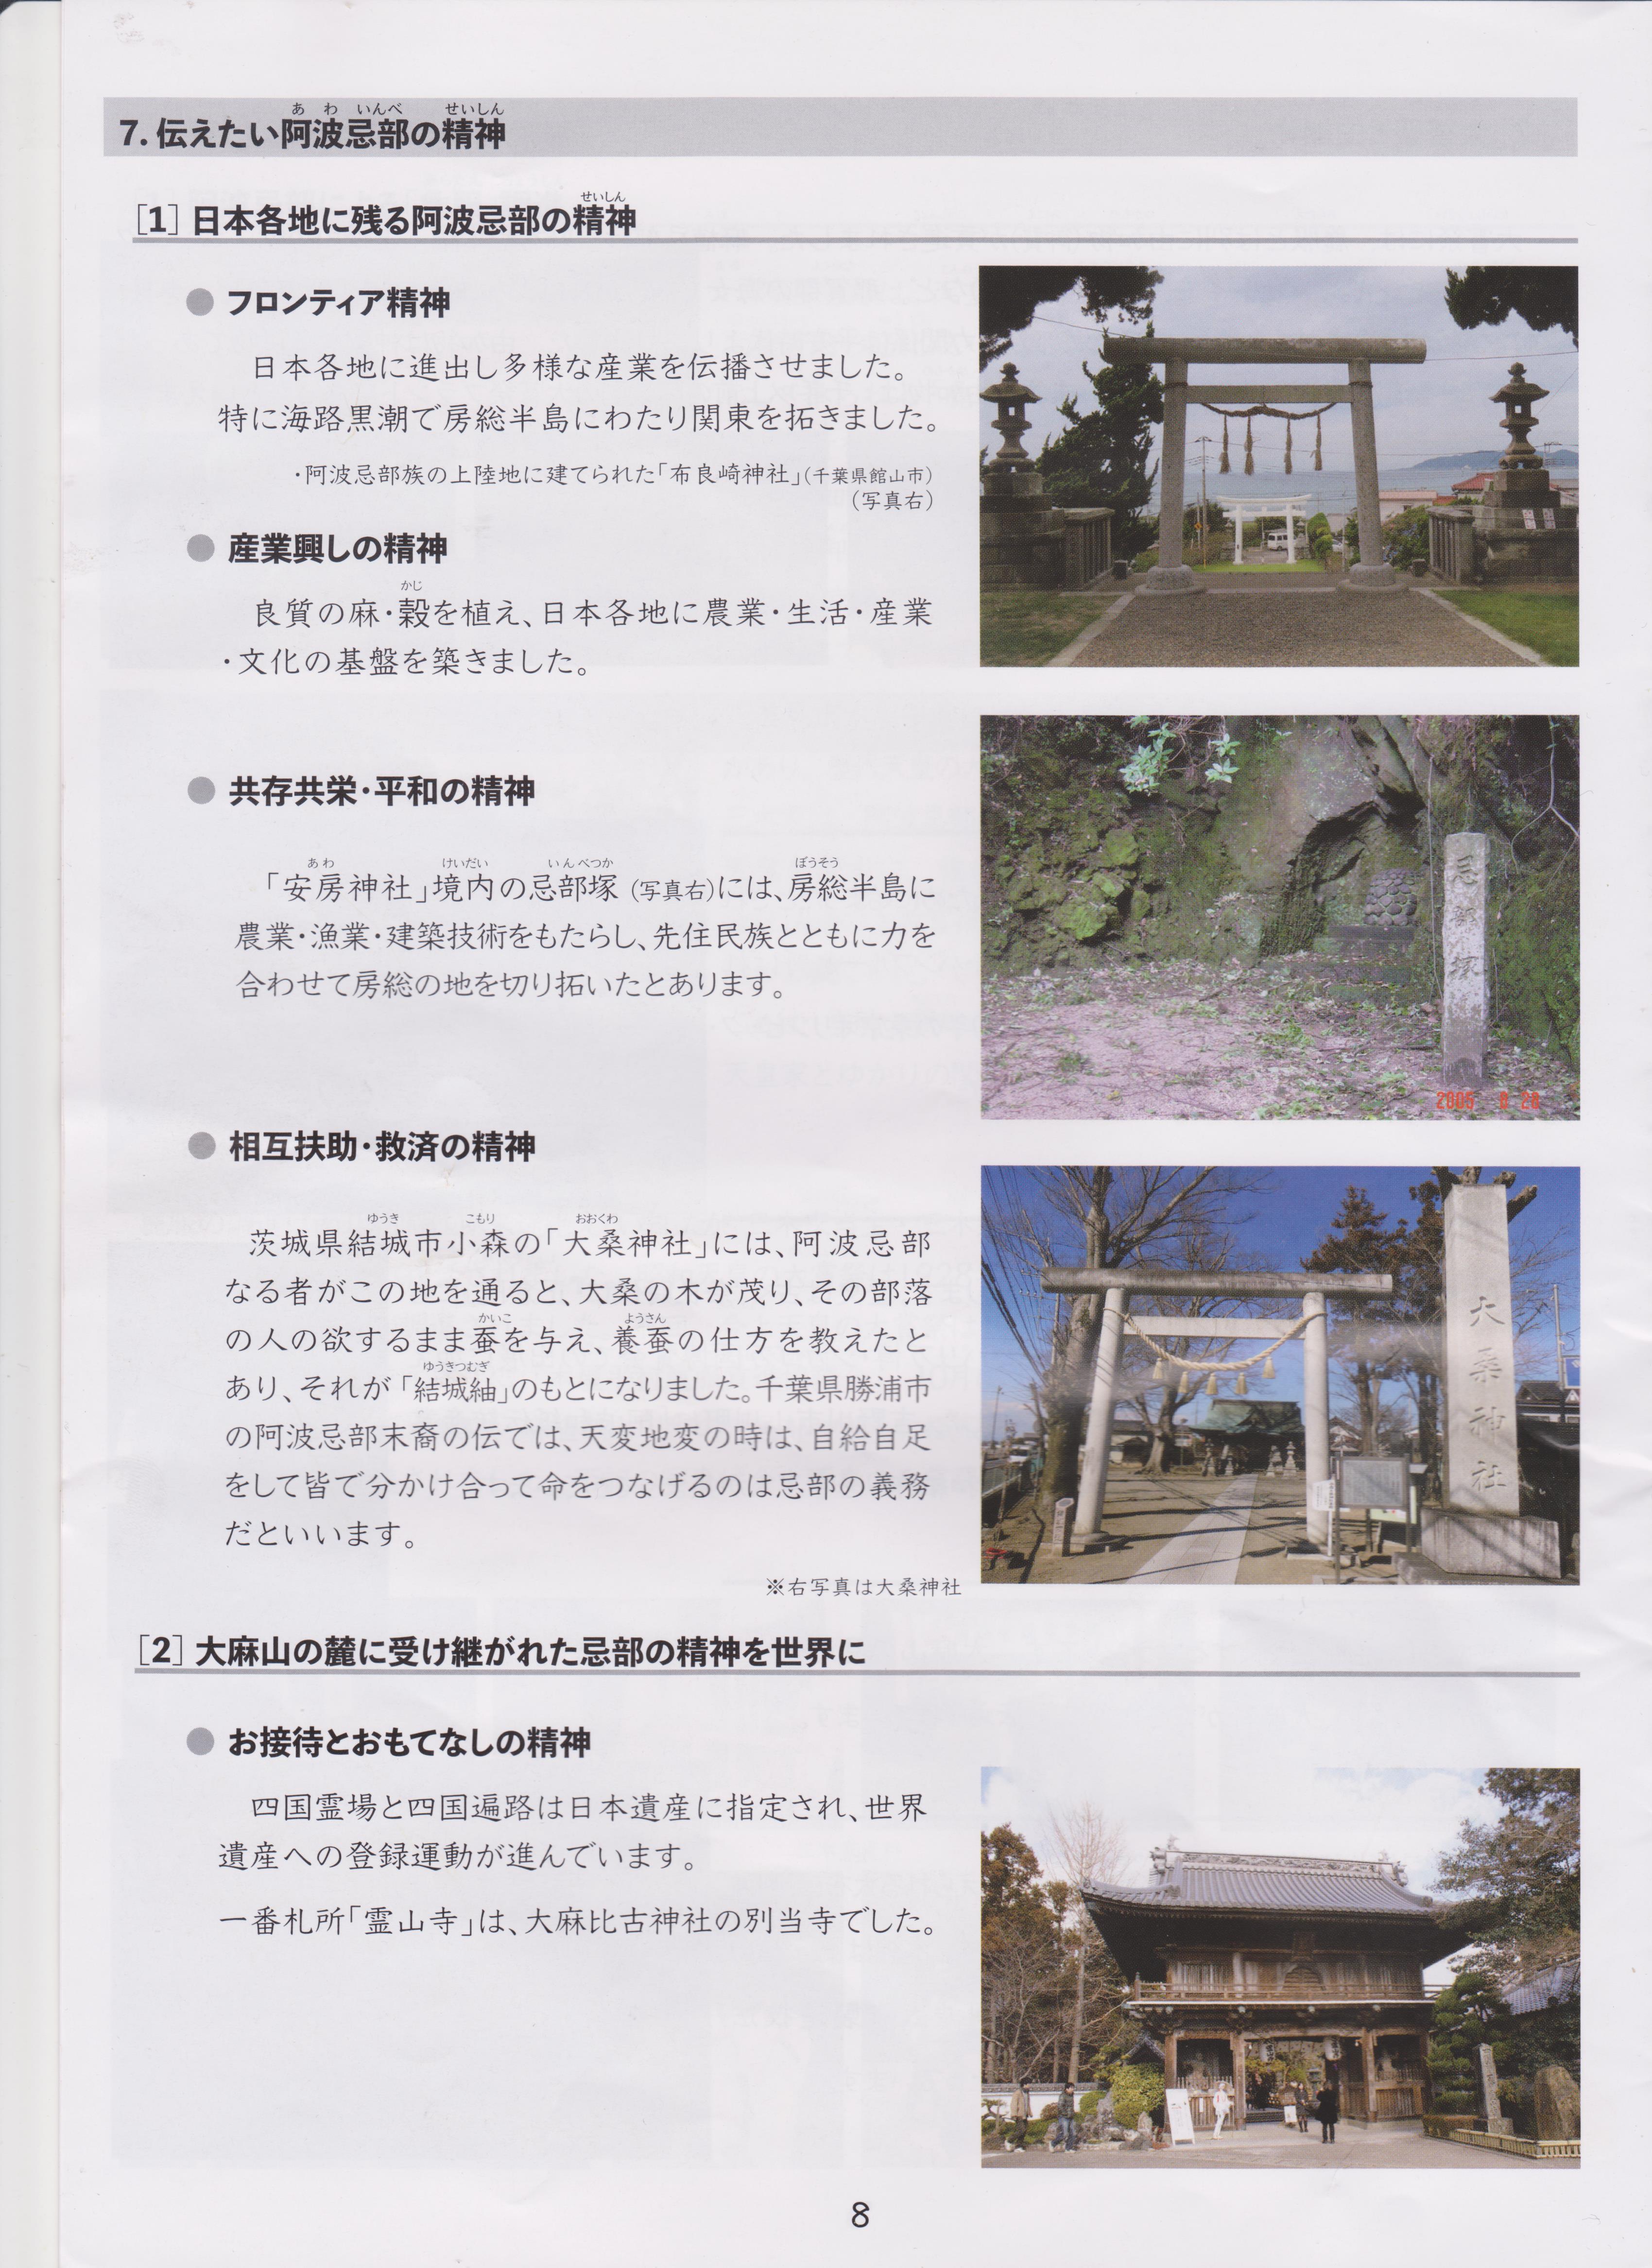 00107 - 大嘗祭と阿波忌部(林先生、松前様対談)